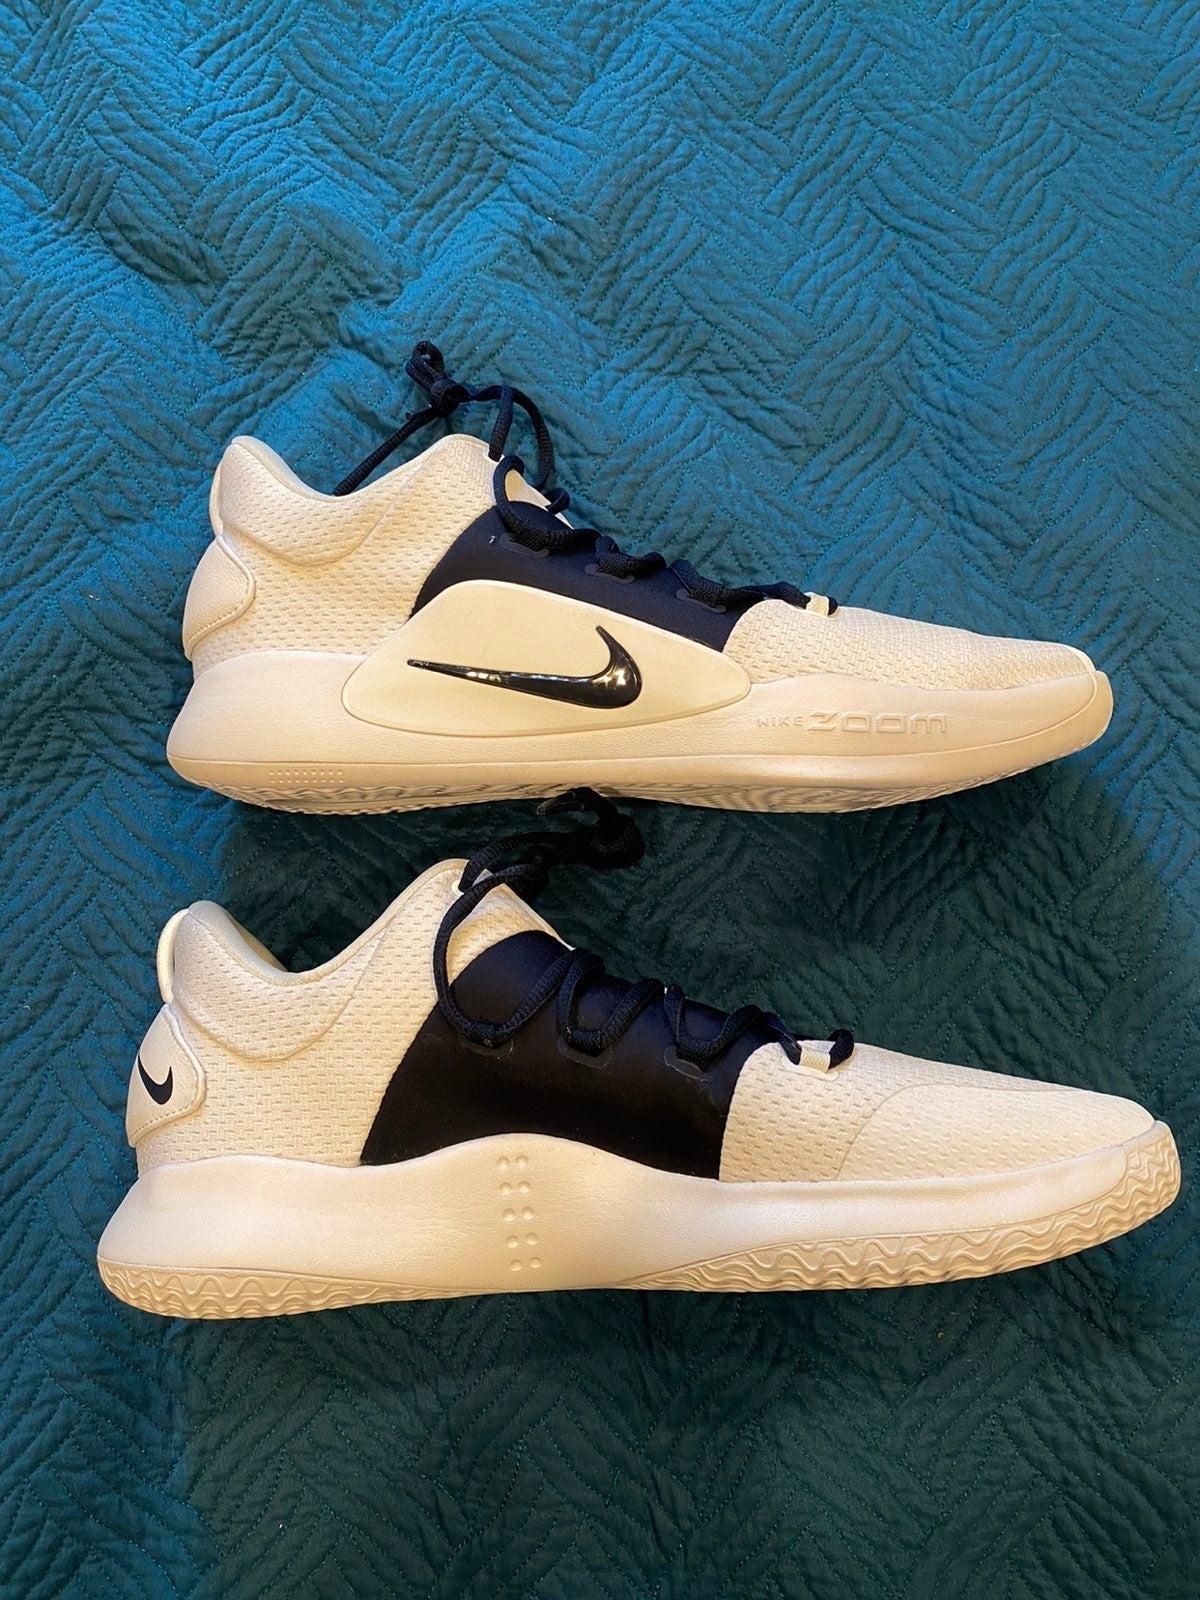 Nike Hyperdunk X Low Tb Size 13.5 Basket